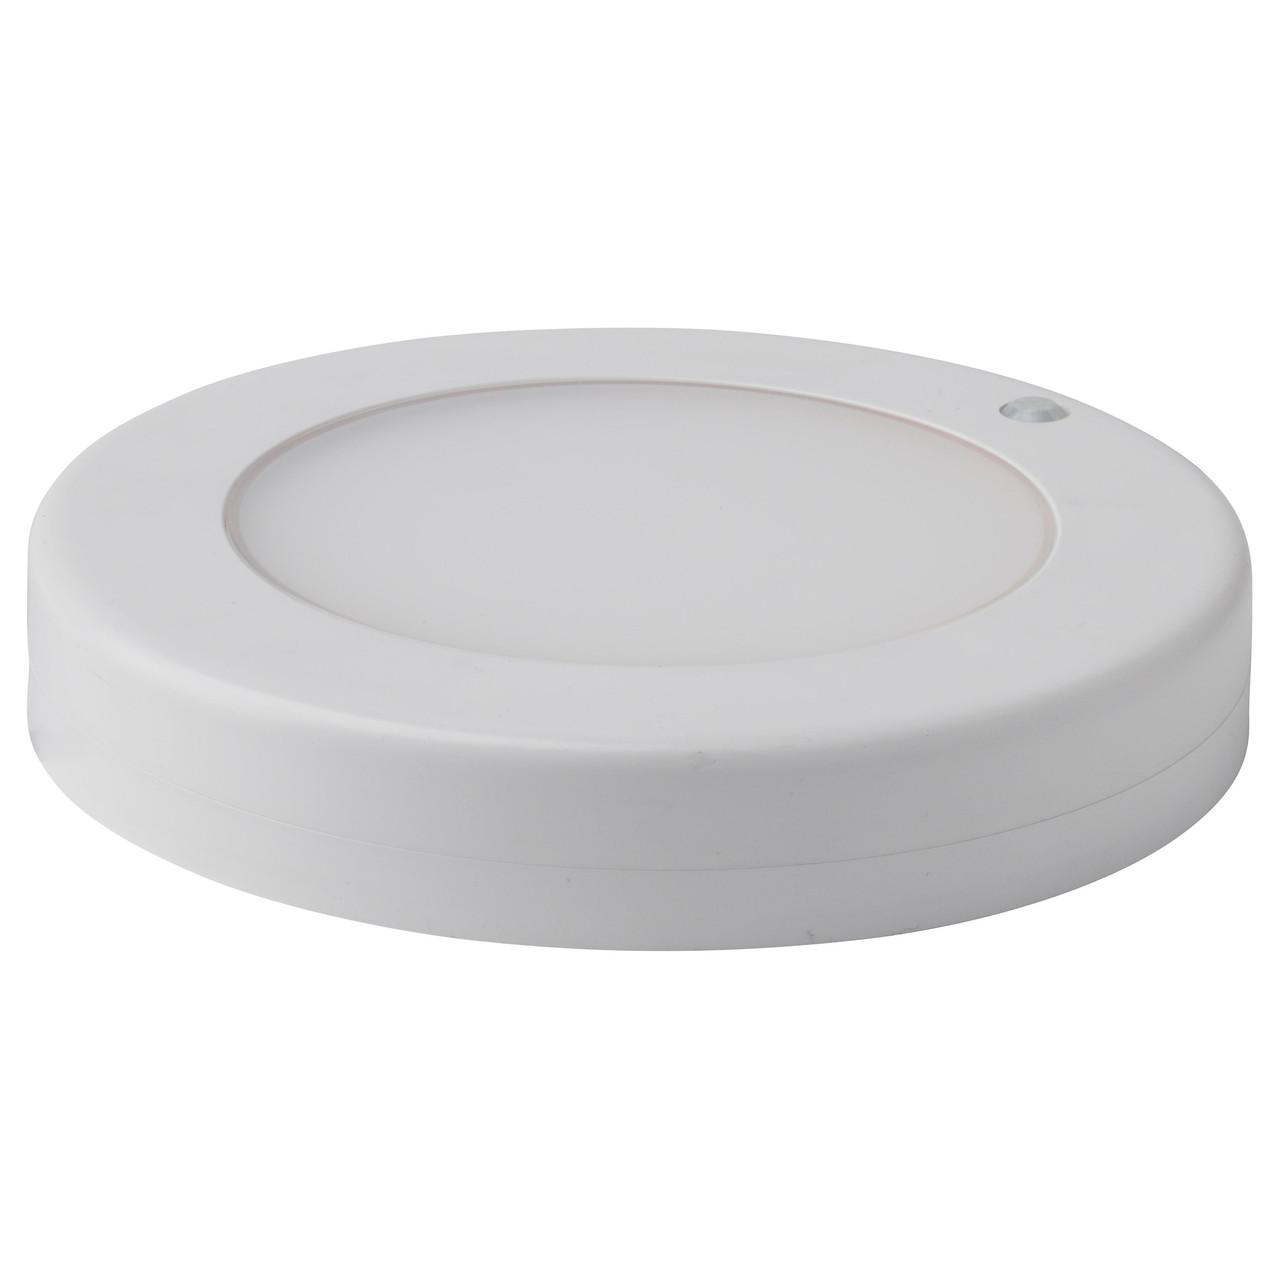 STÖTTA Светодиодн потолочн светильник/бра, с батарейным питанием белый 602.771.37